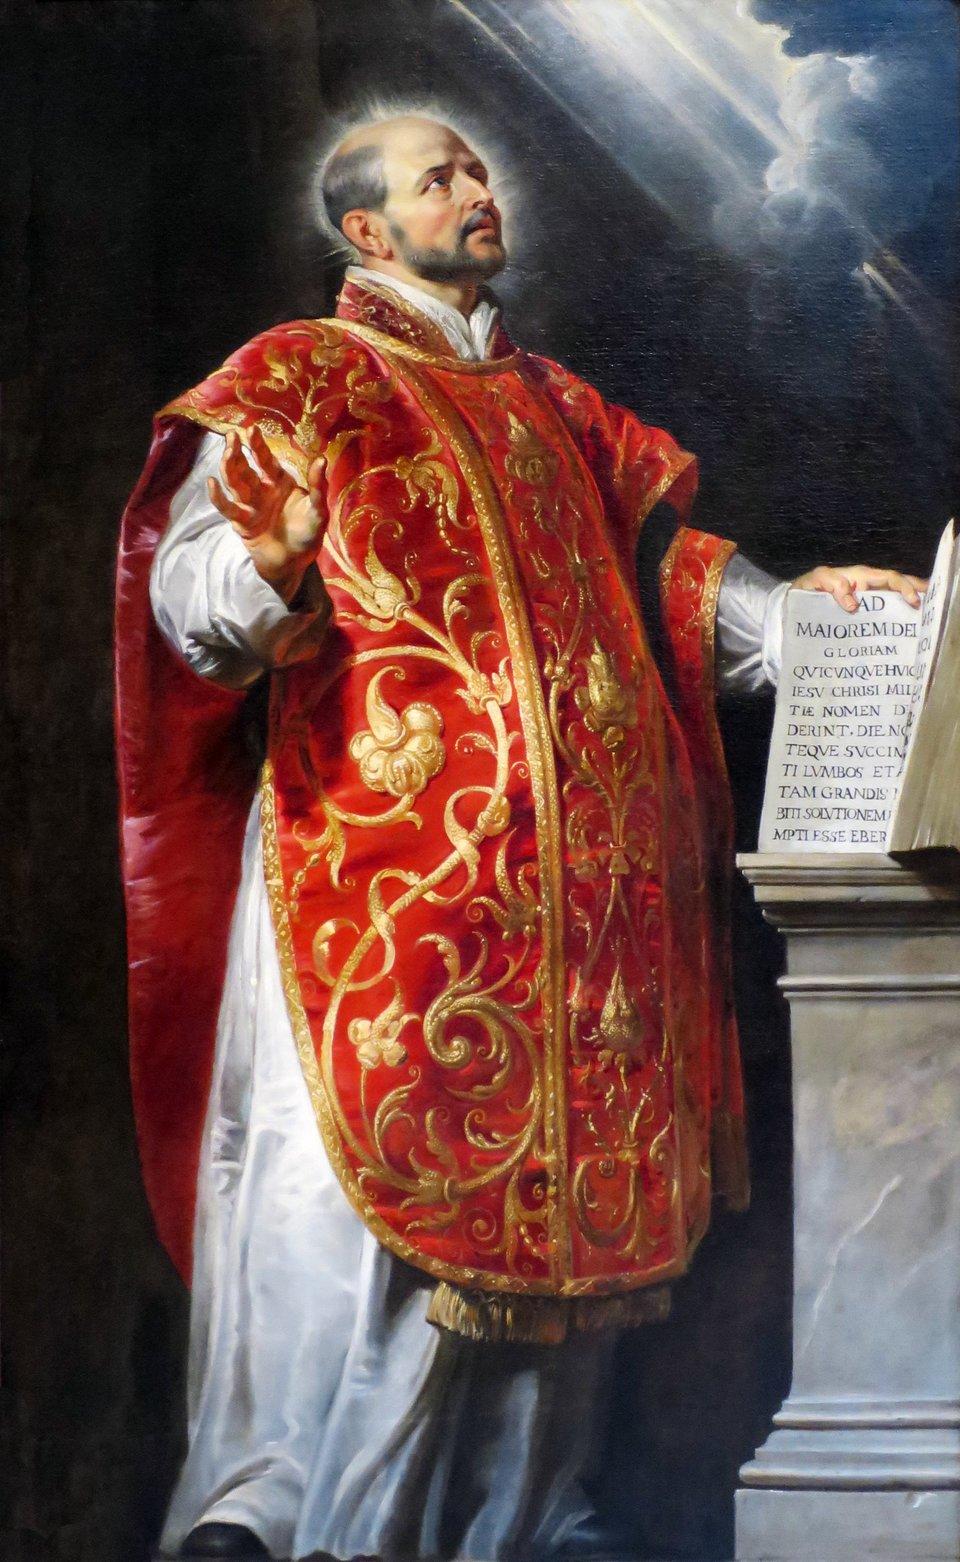 Obraz przedstawia św. Ignacego Loyolę, założyciela zakonu jezuitów Źródło: Peter Paul Rubens, Obraz przedstawia św. Ignacego Loyolę, założyciela zakonu jezuitów, ok. 1600, domena publiczna.